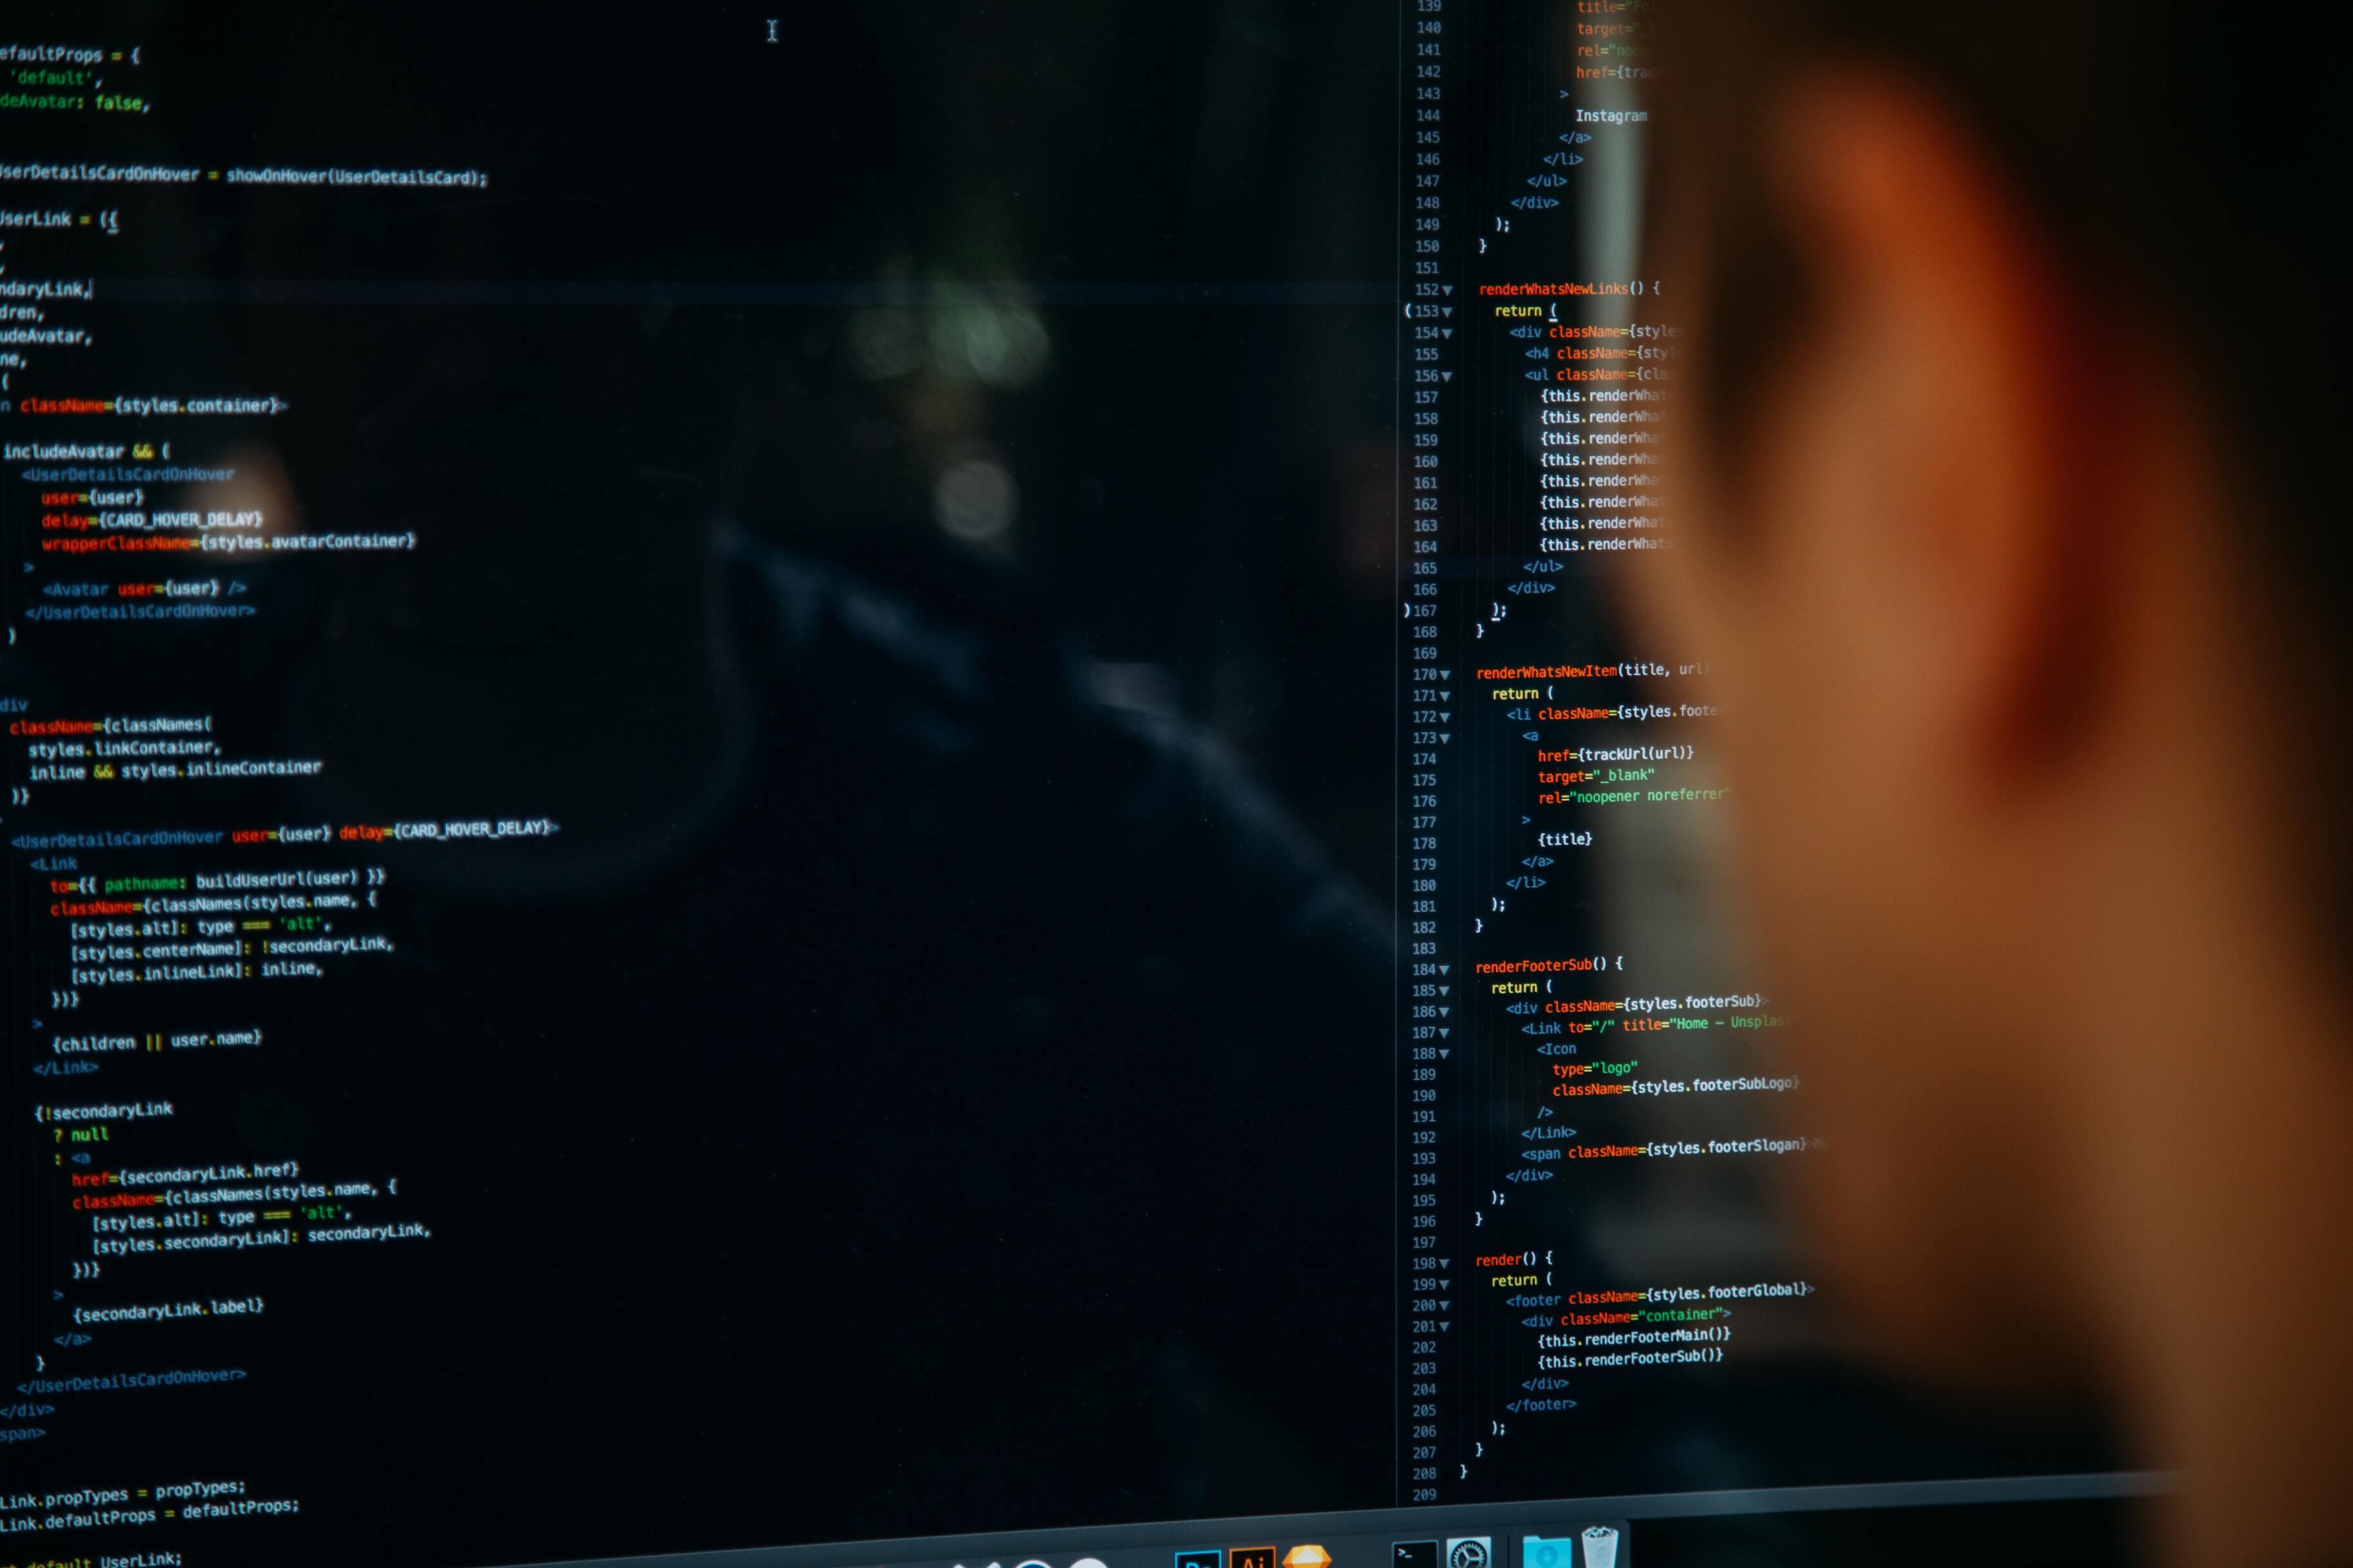 США готовят возможный ответ России на хакерские атаки